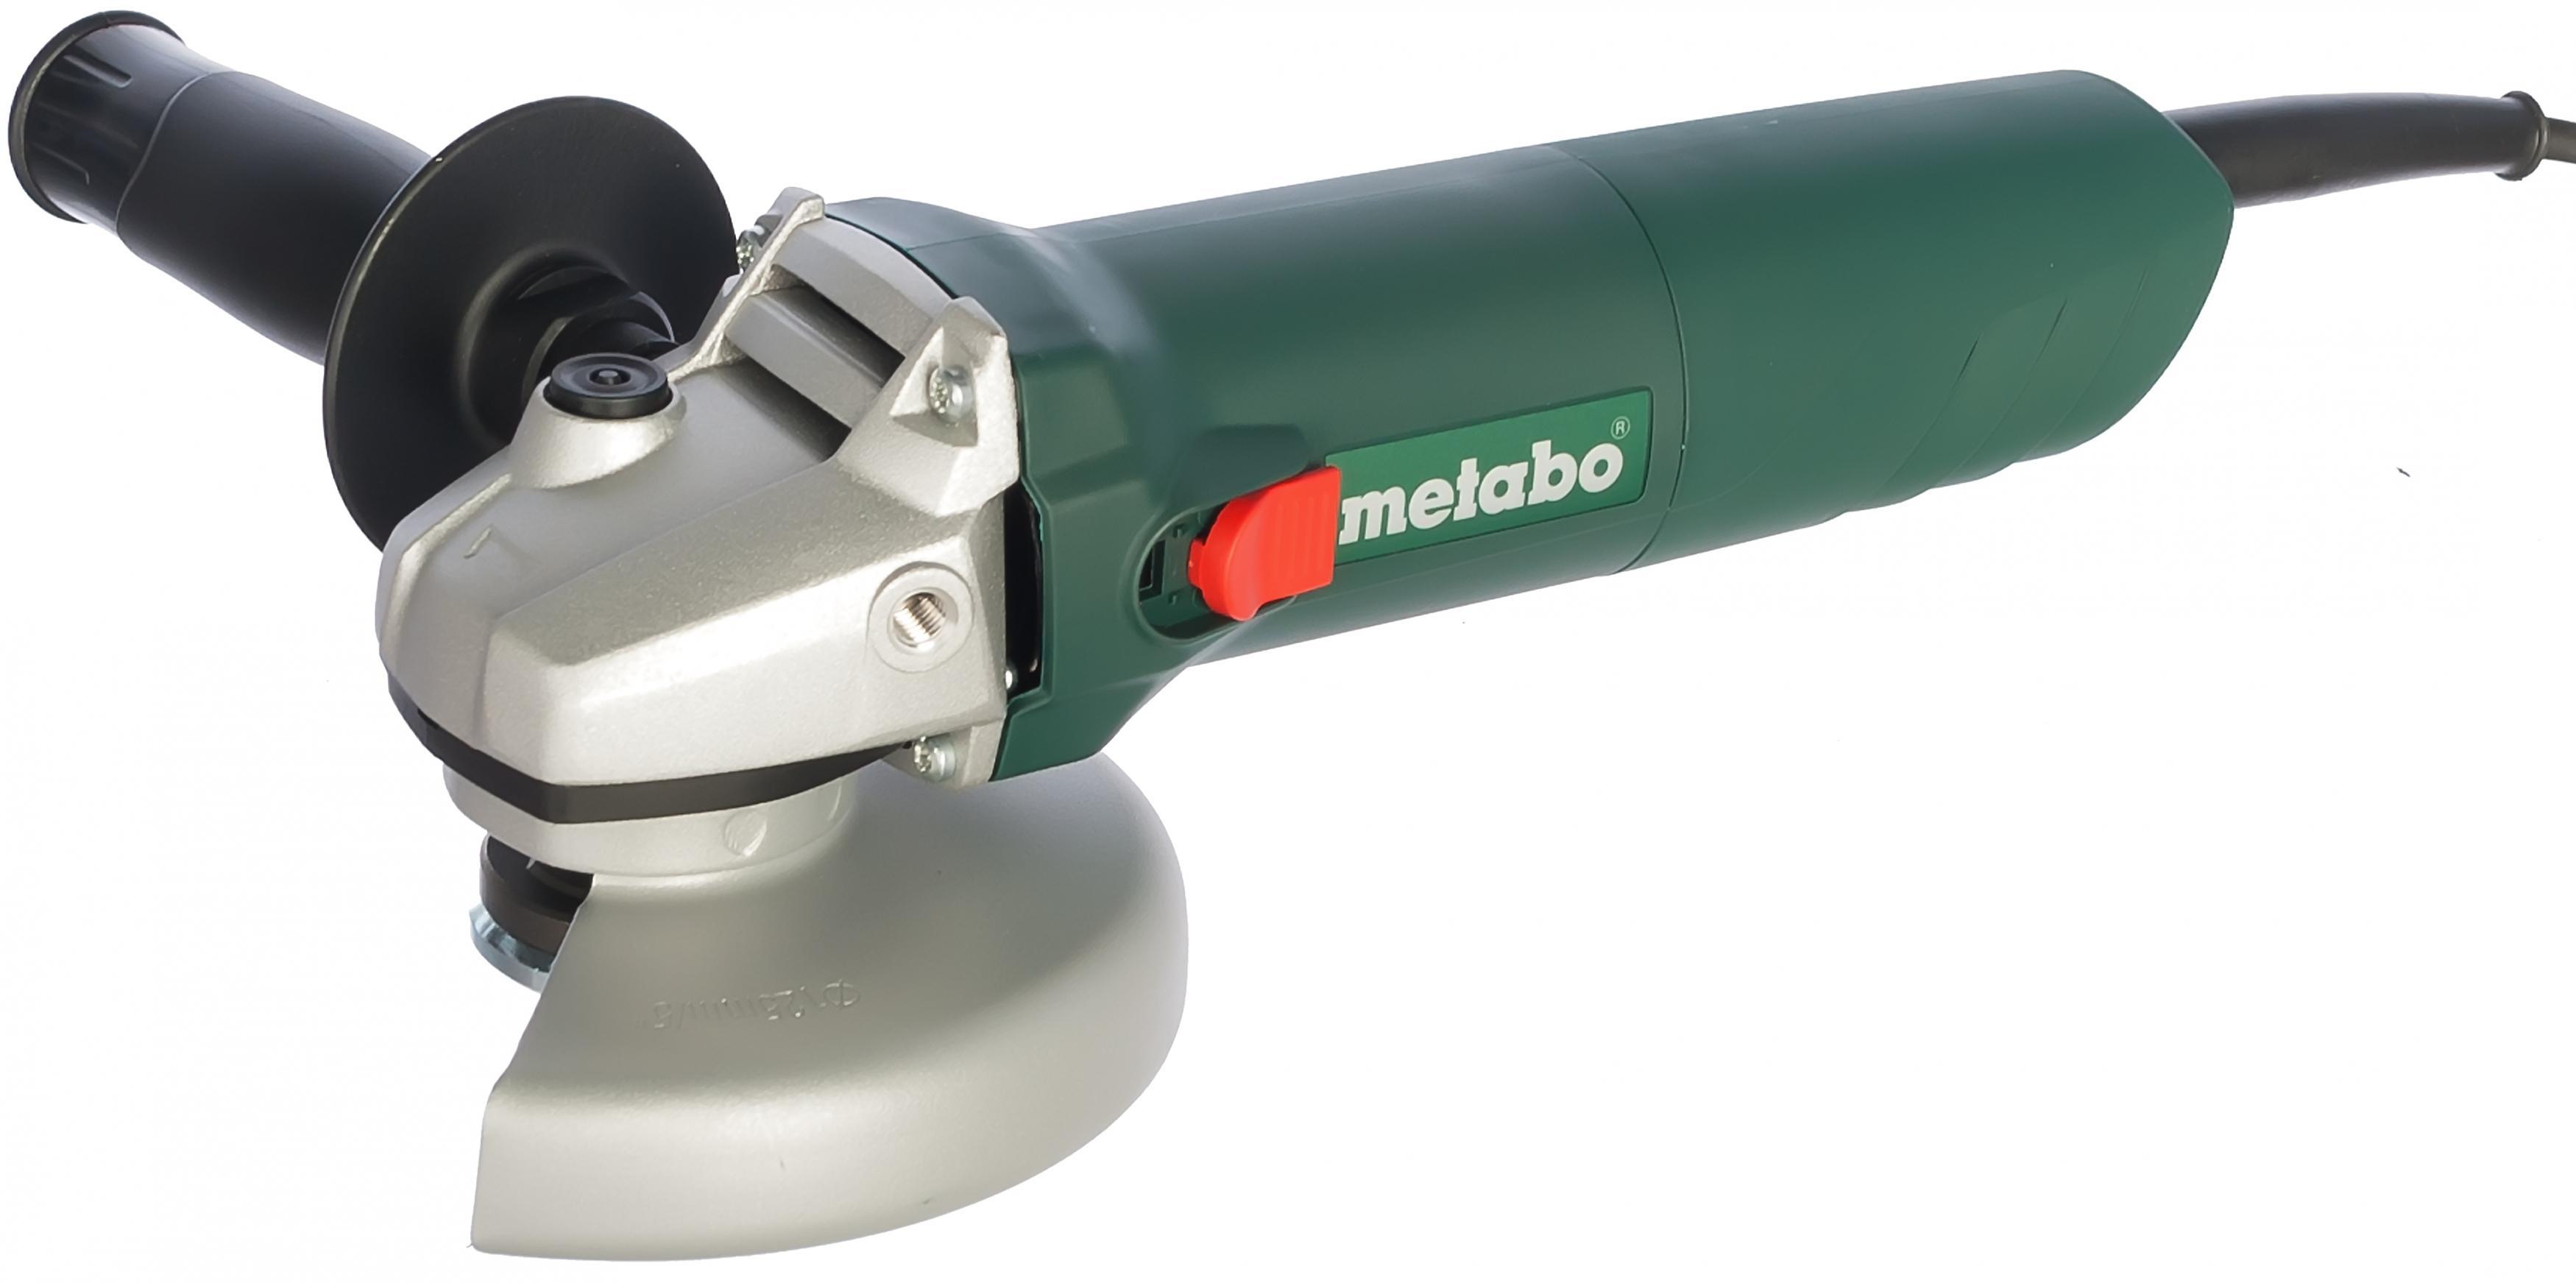 УШМ (болгарка) Metabo W 750-125 (601231010)